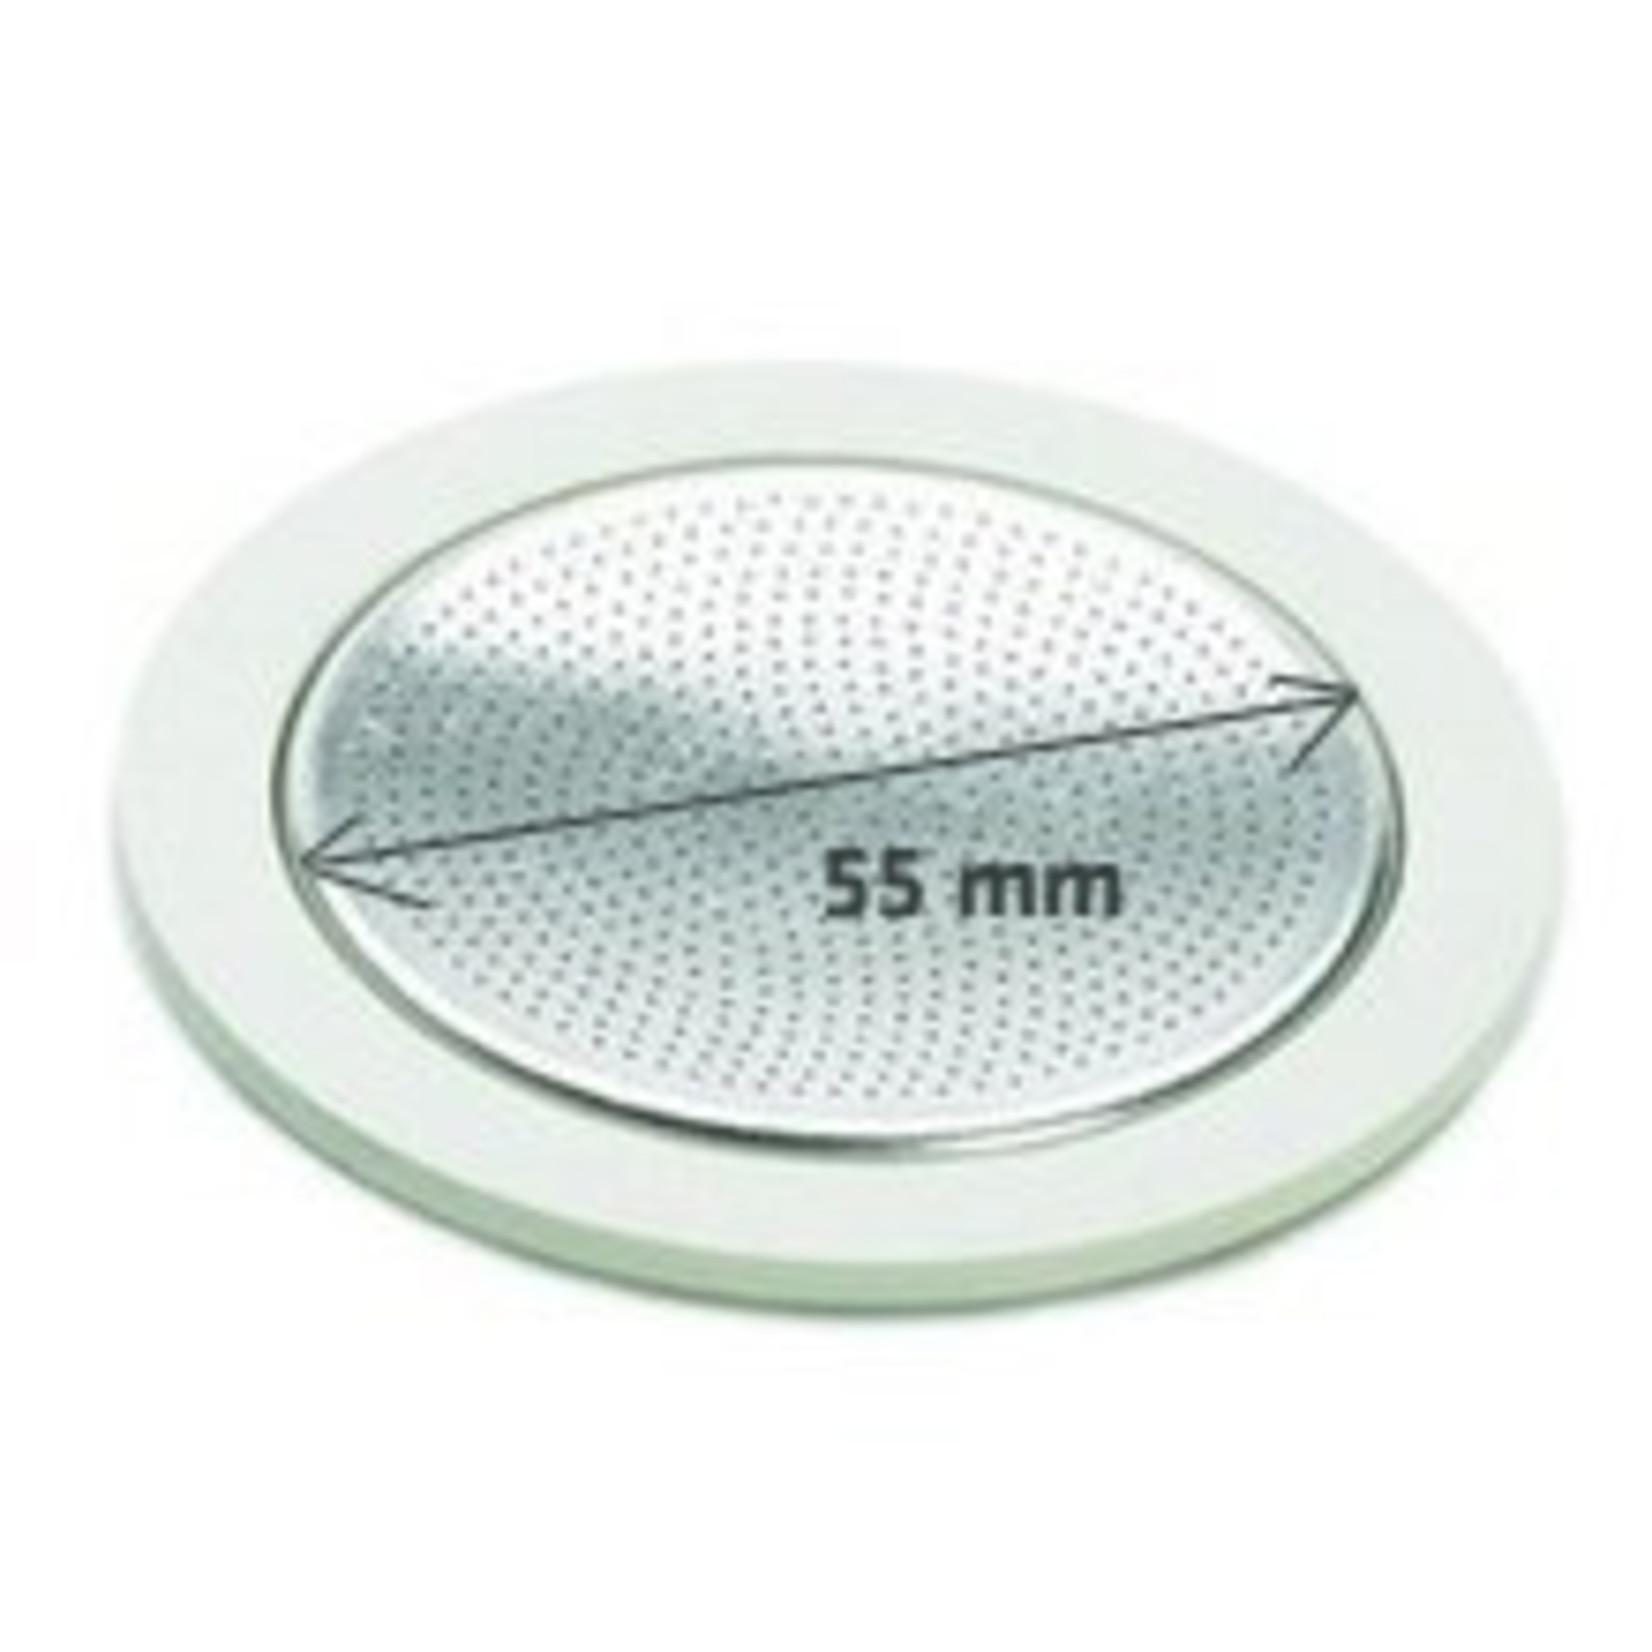 Bialetti Bialetti filterplaatje met rubberen ringen 6 kops RVS